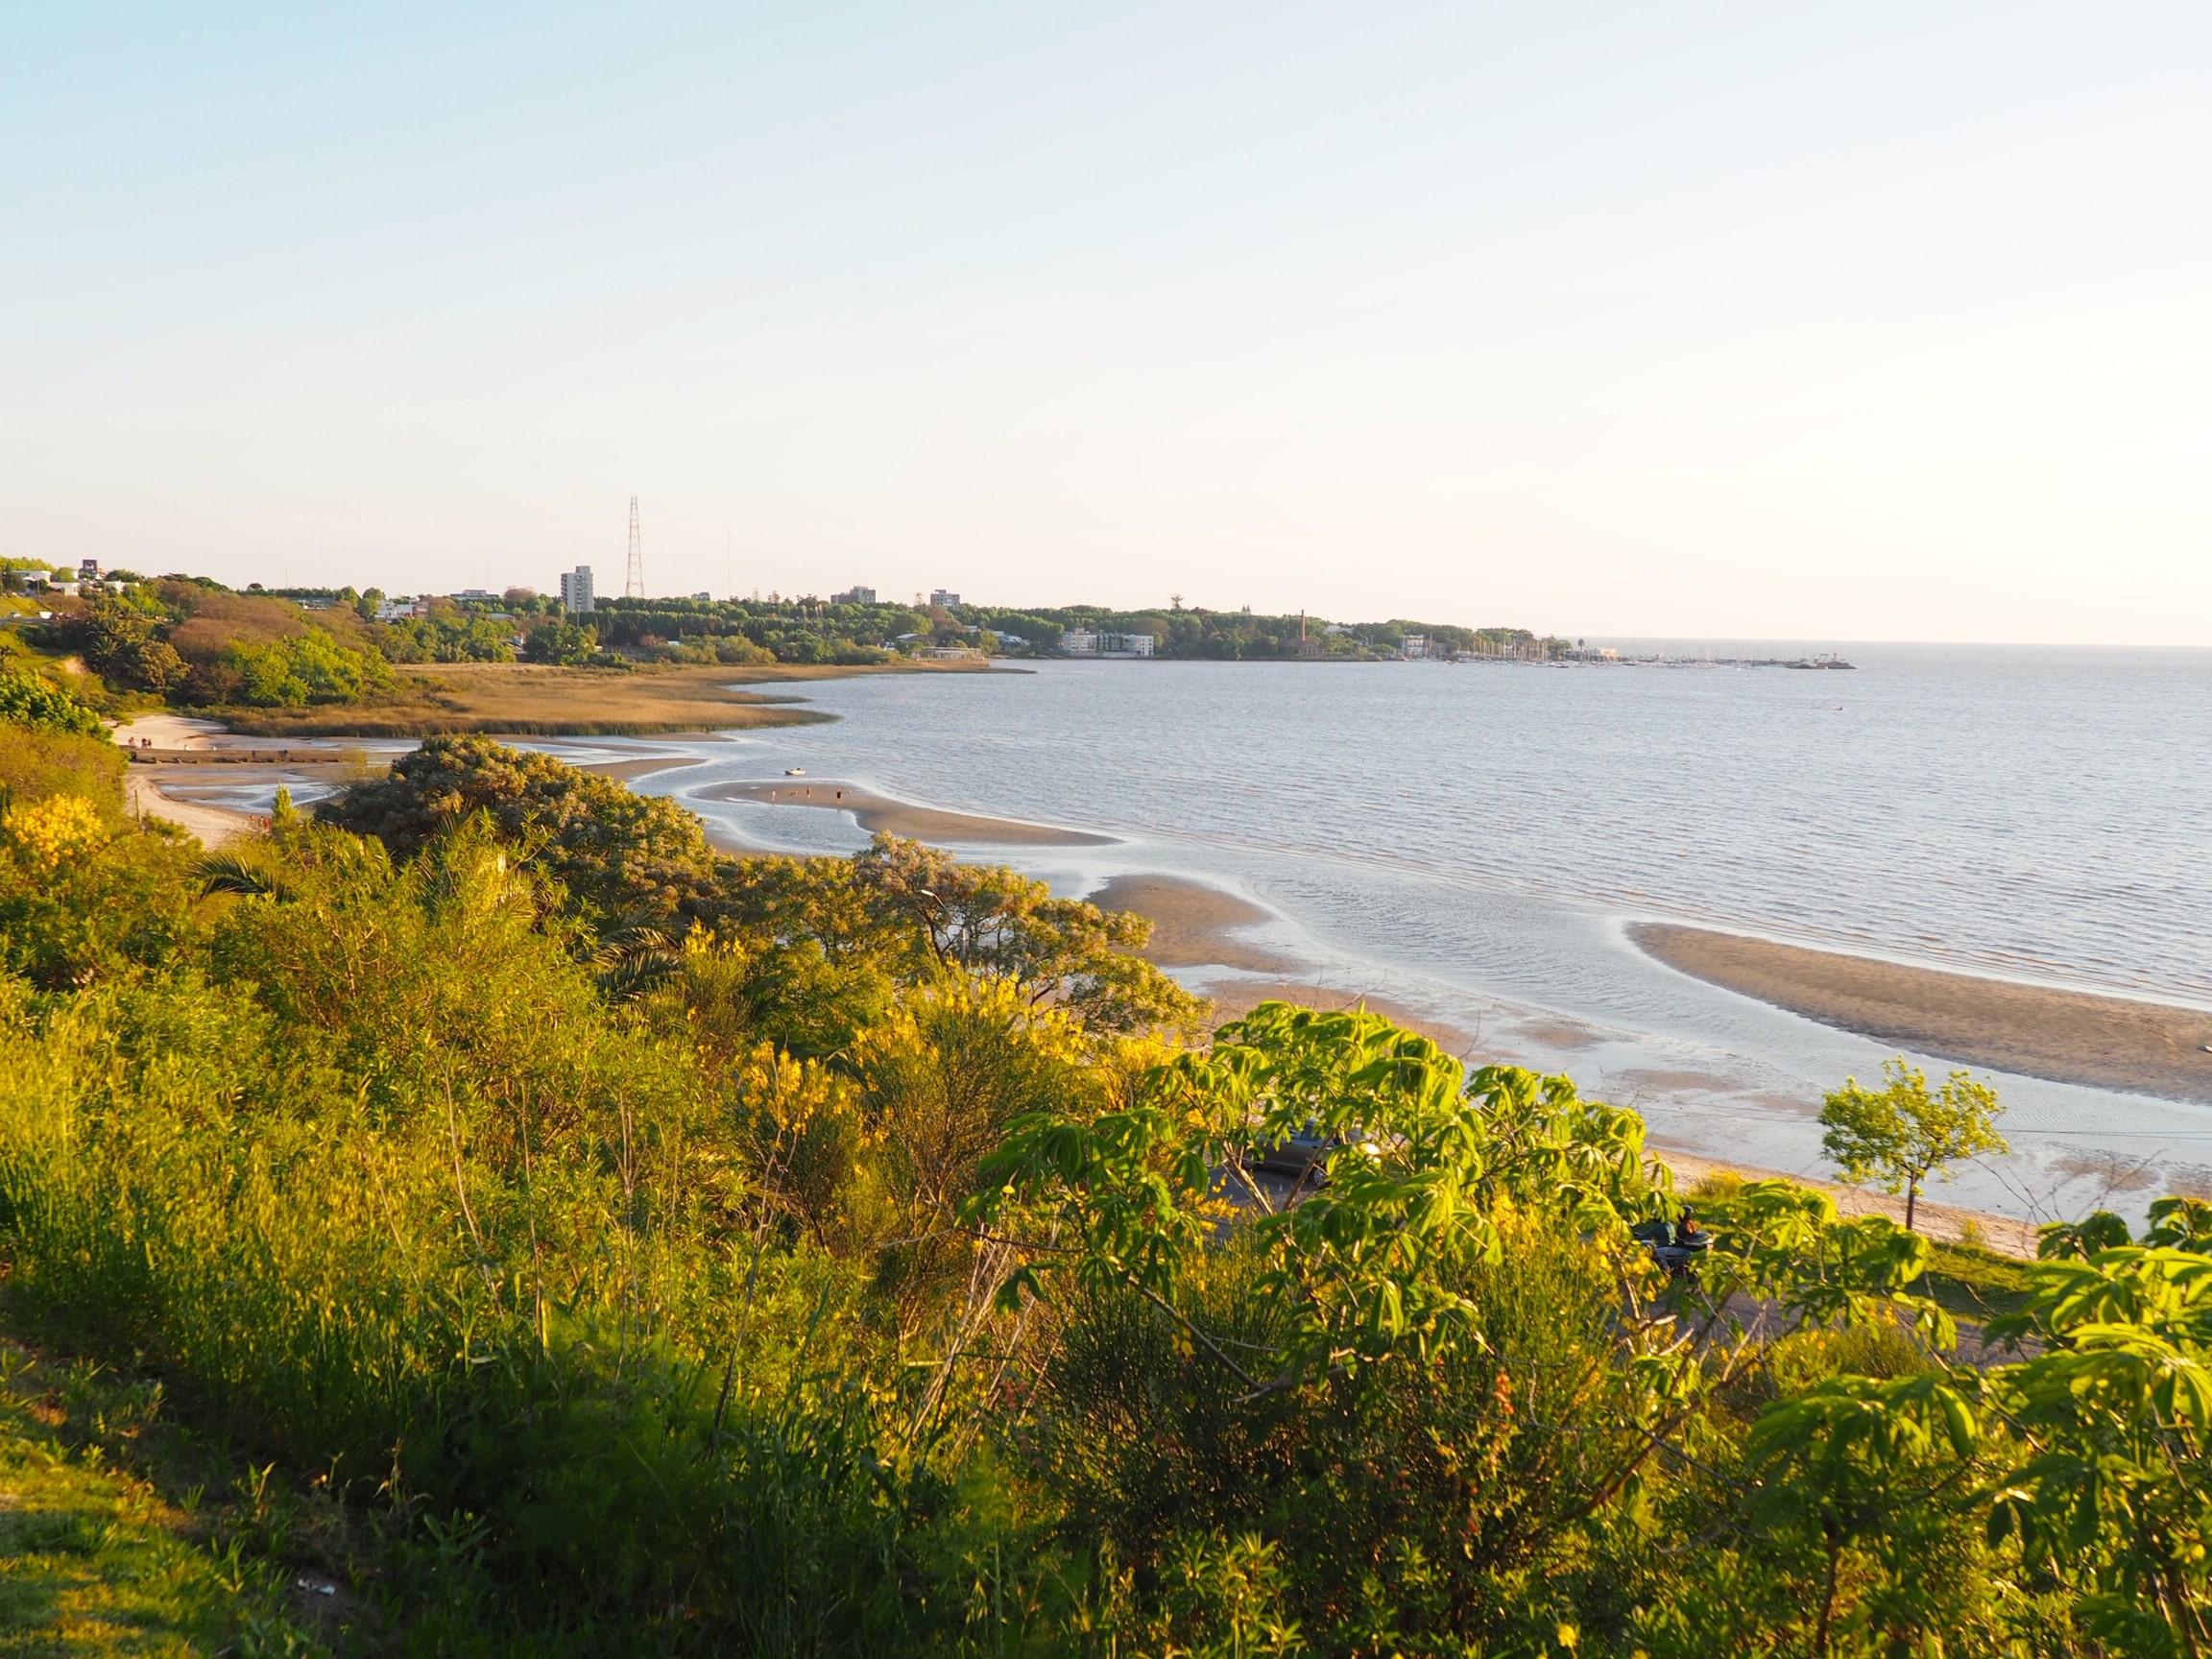 Vista de la playa con Colonia al fondo